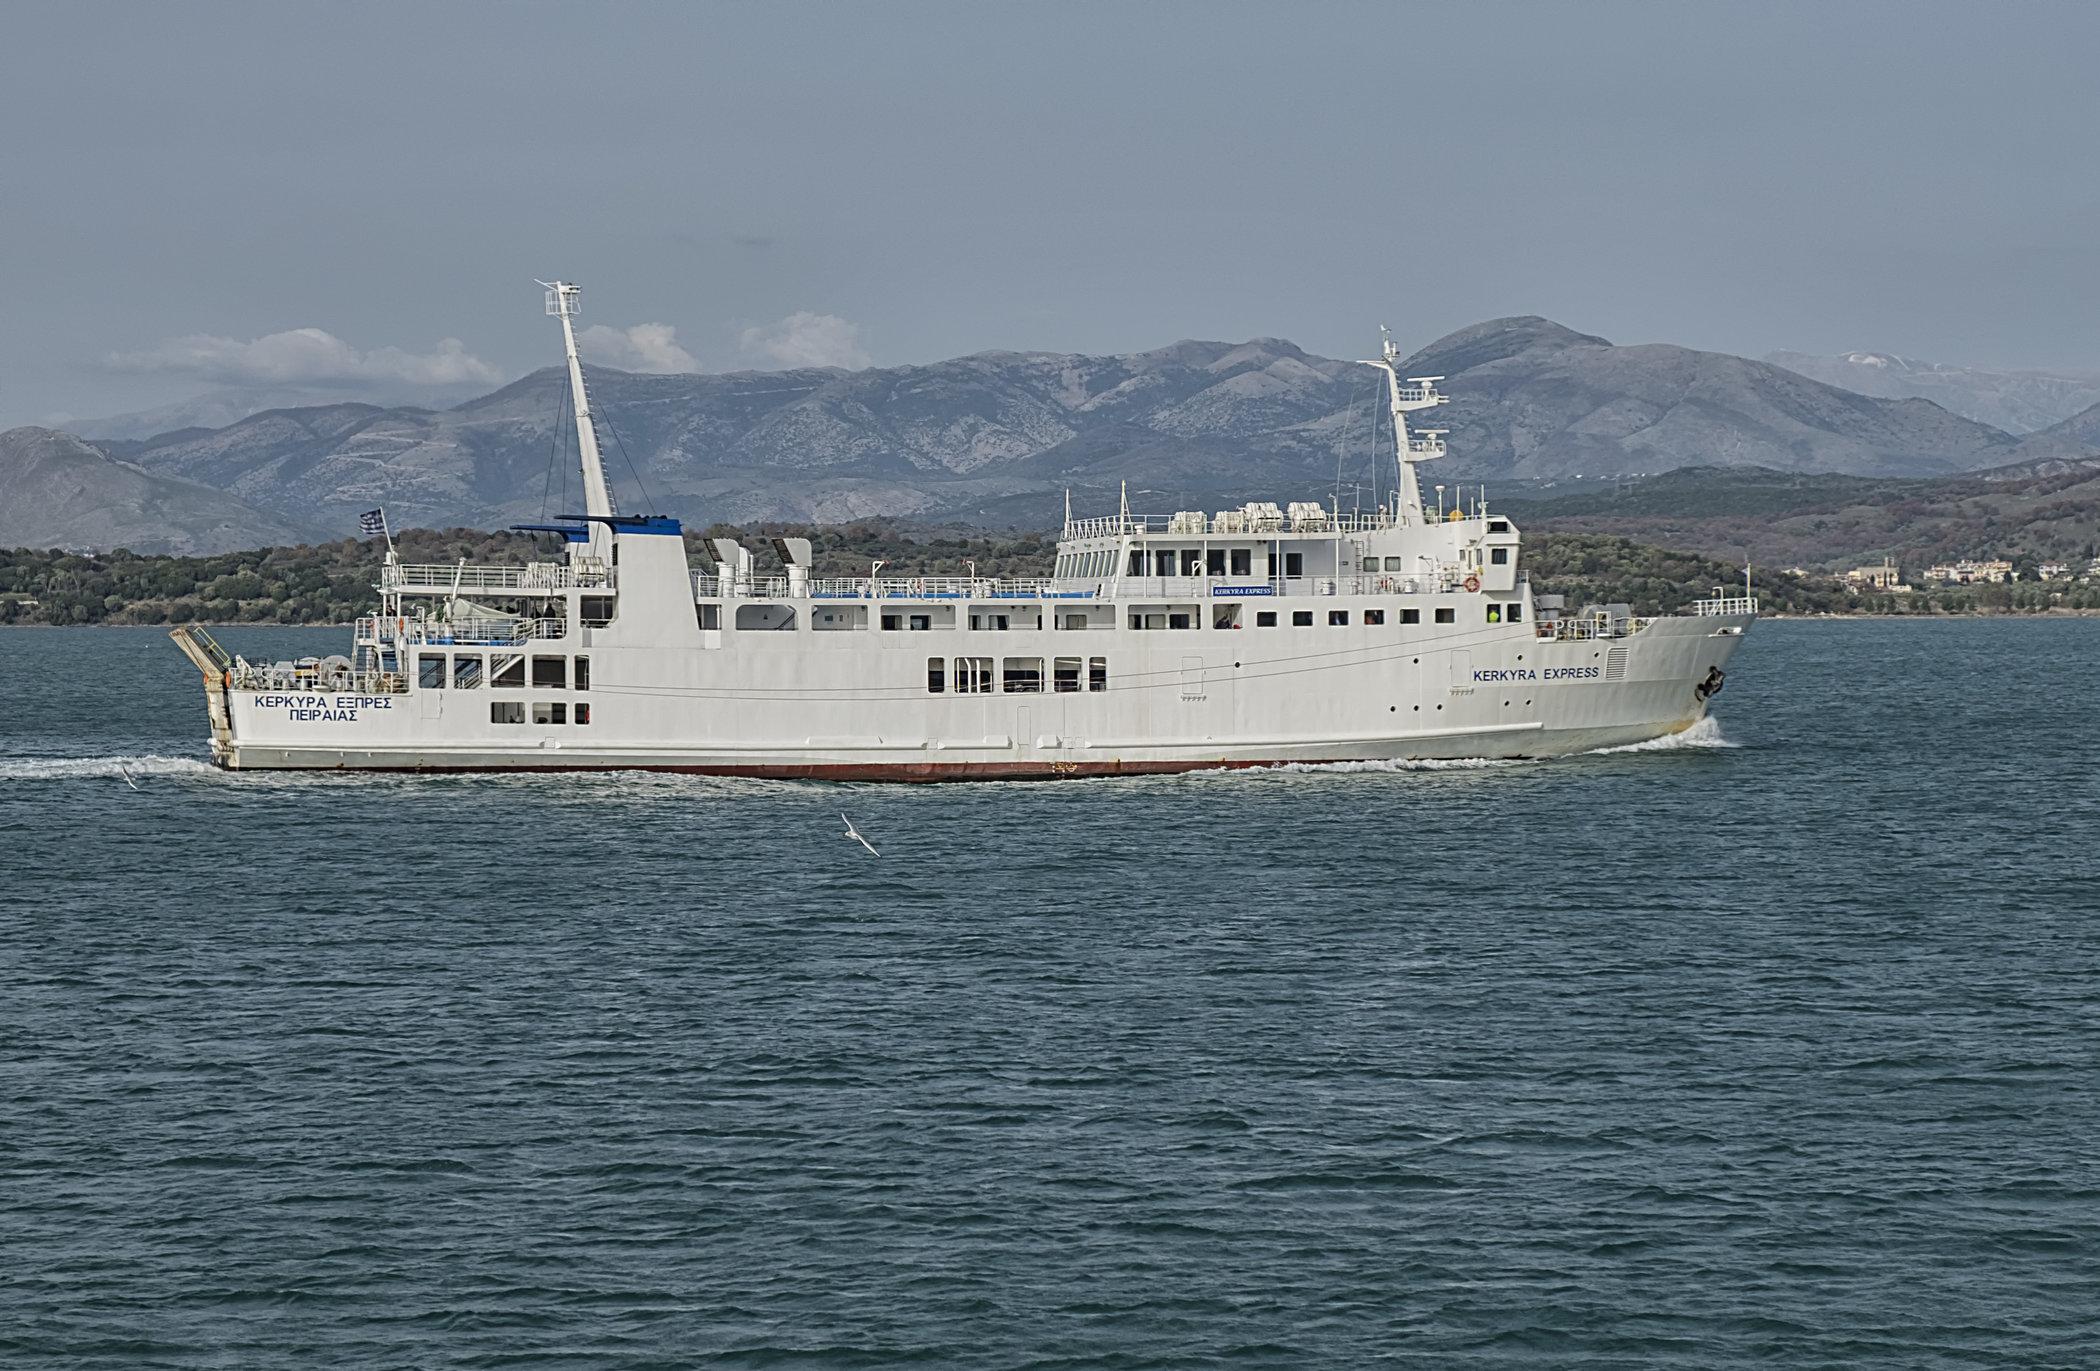 Kerkyra Express for Shipfriends.jpg